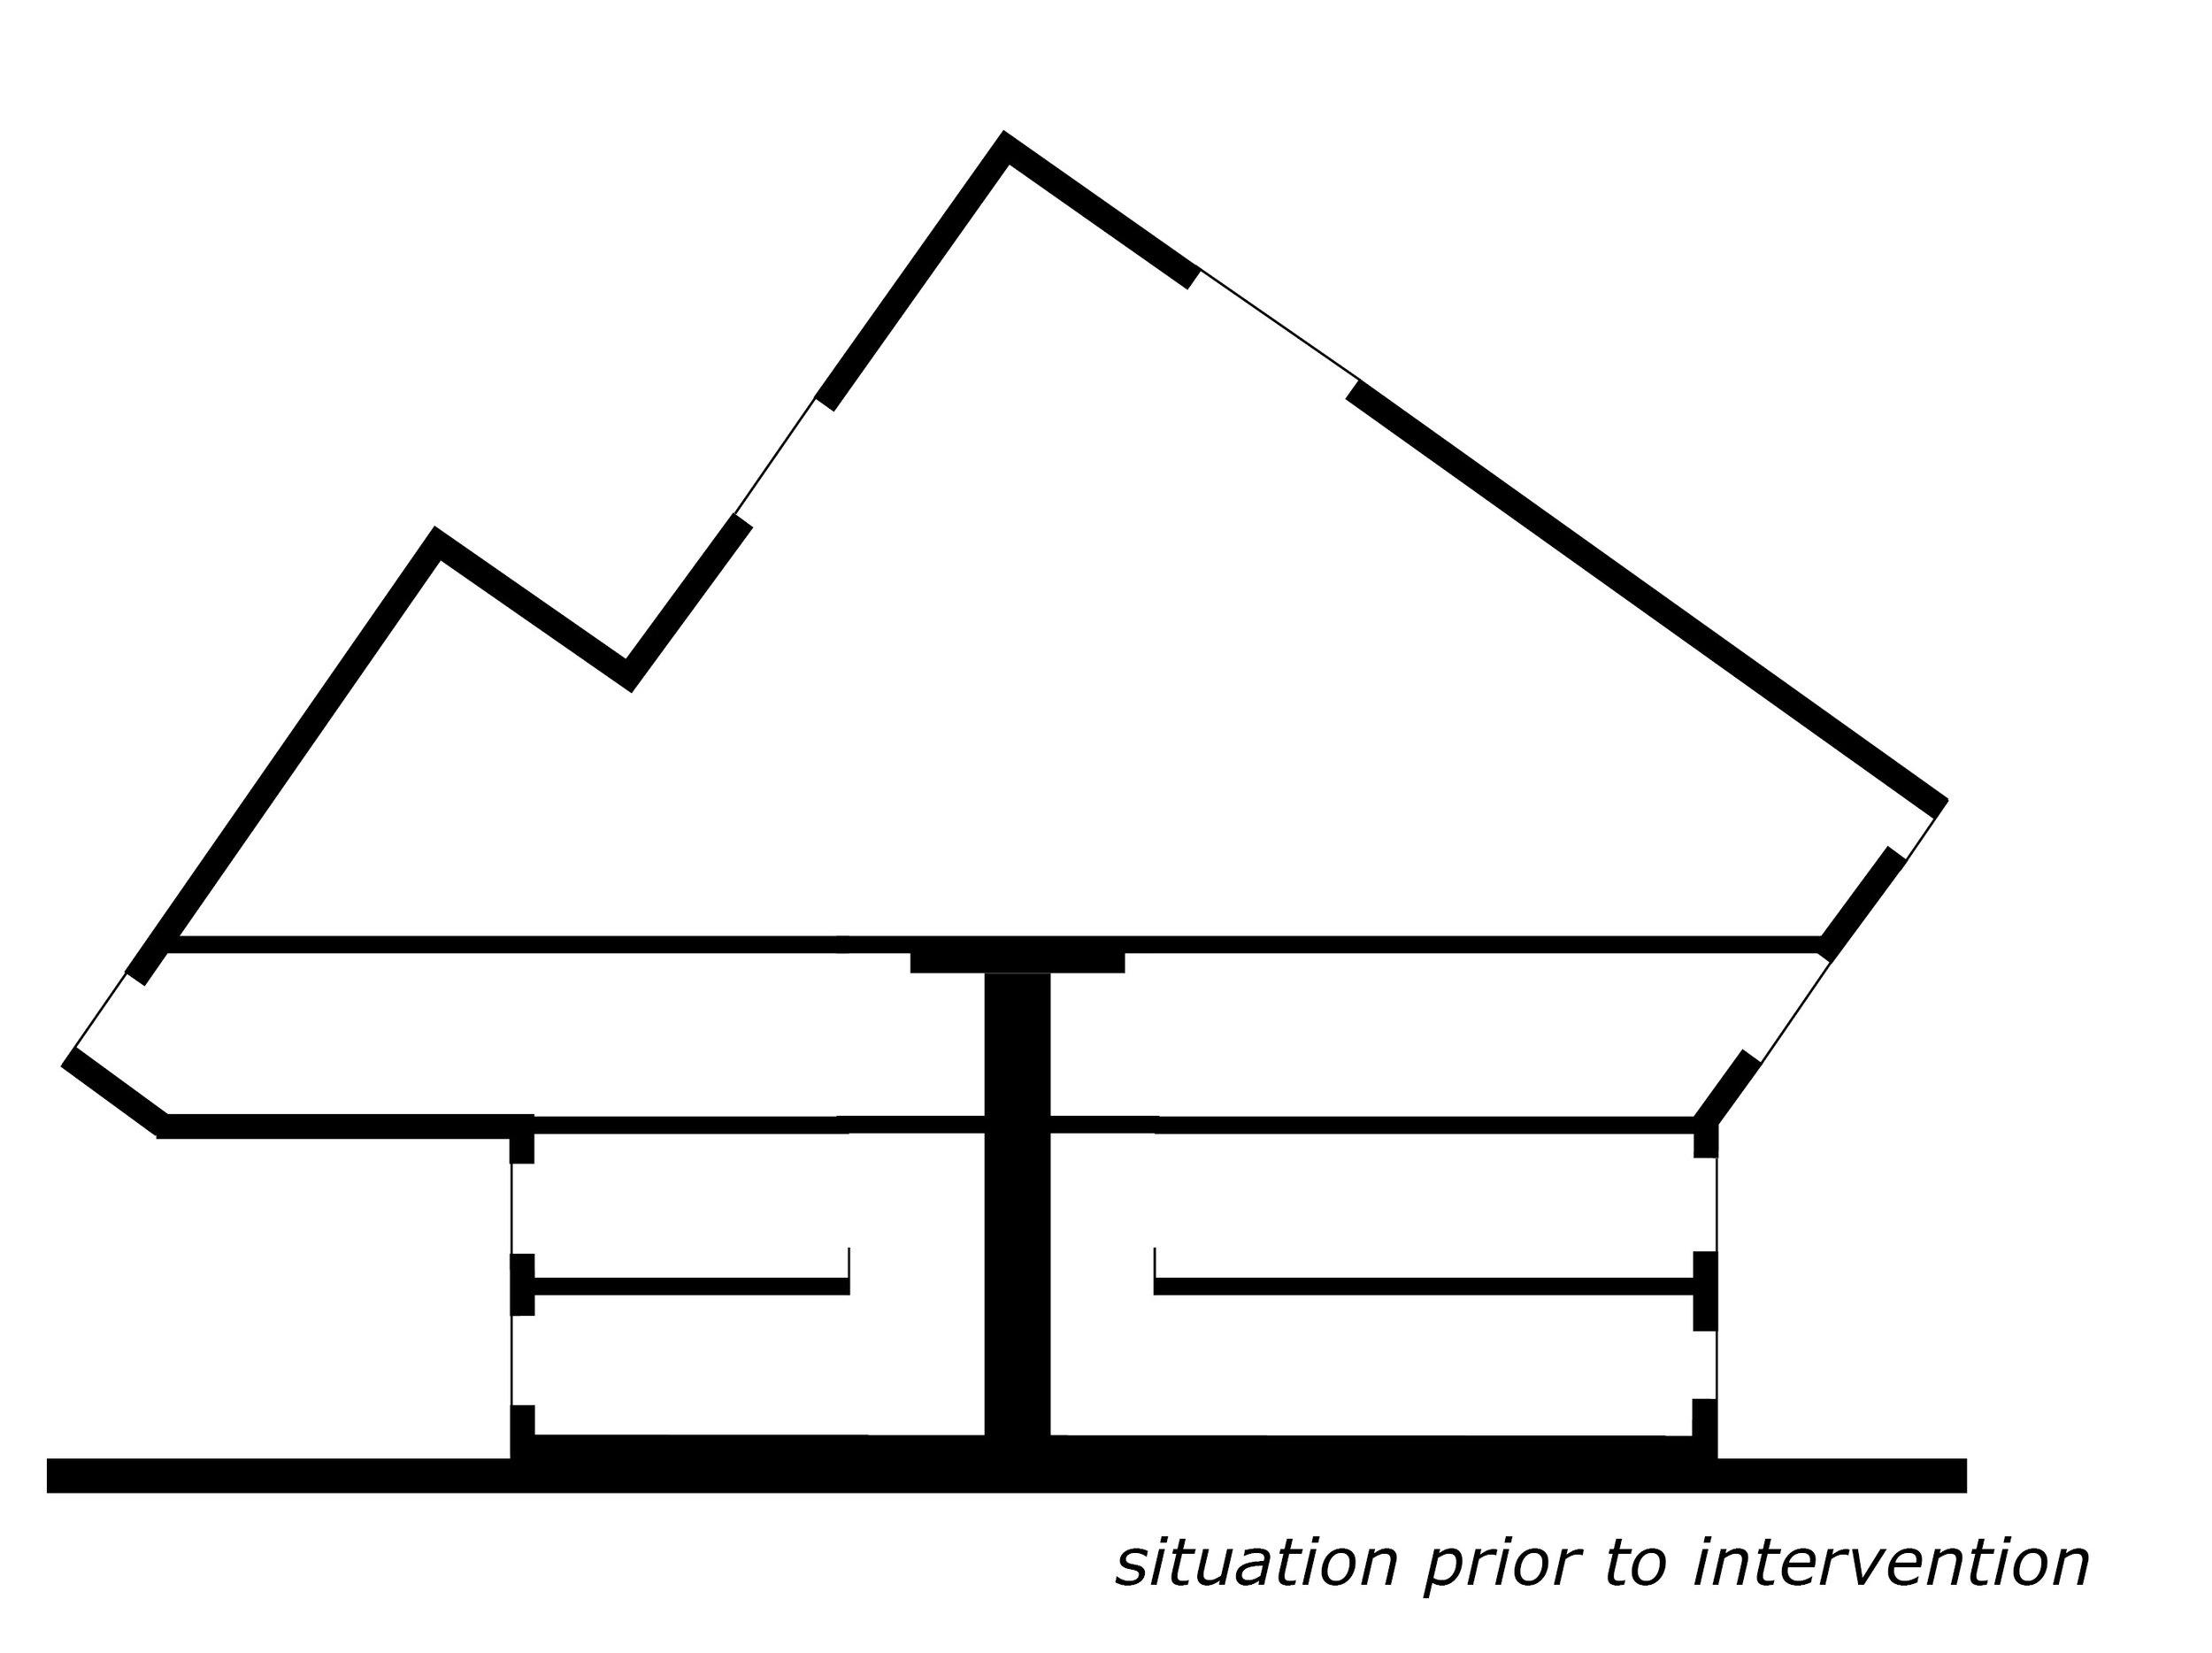 Personal-Architecture-rotterdam-superkubus-2-2.jpg